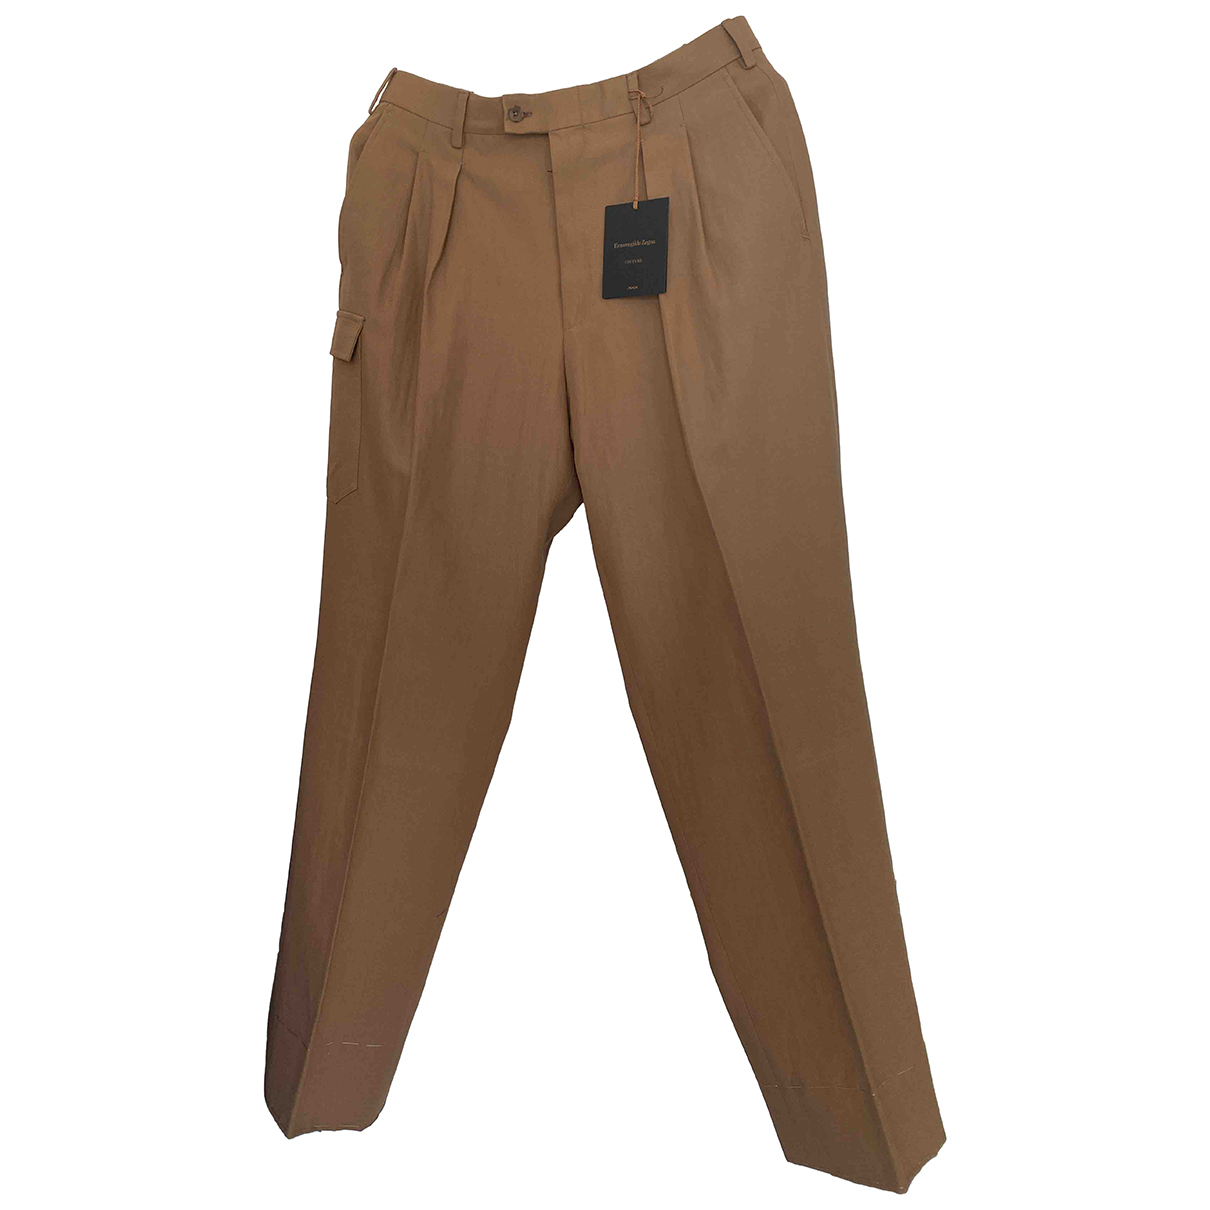 Ermenegildo Zegna - Pantalon   pour homme en coton - beige